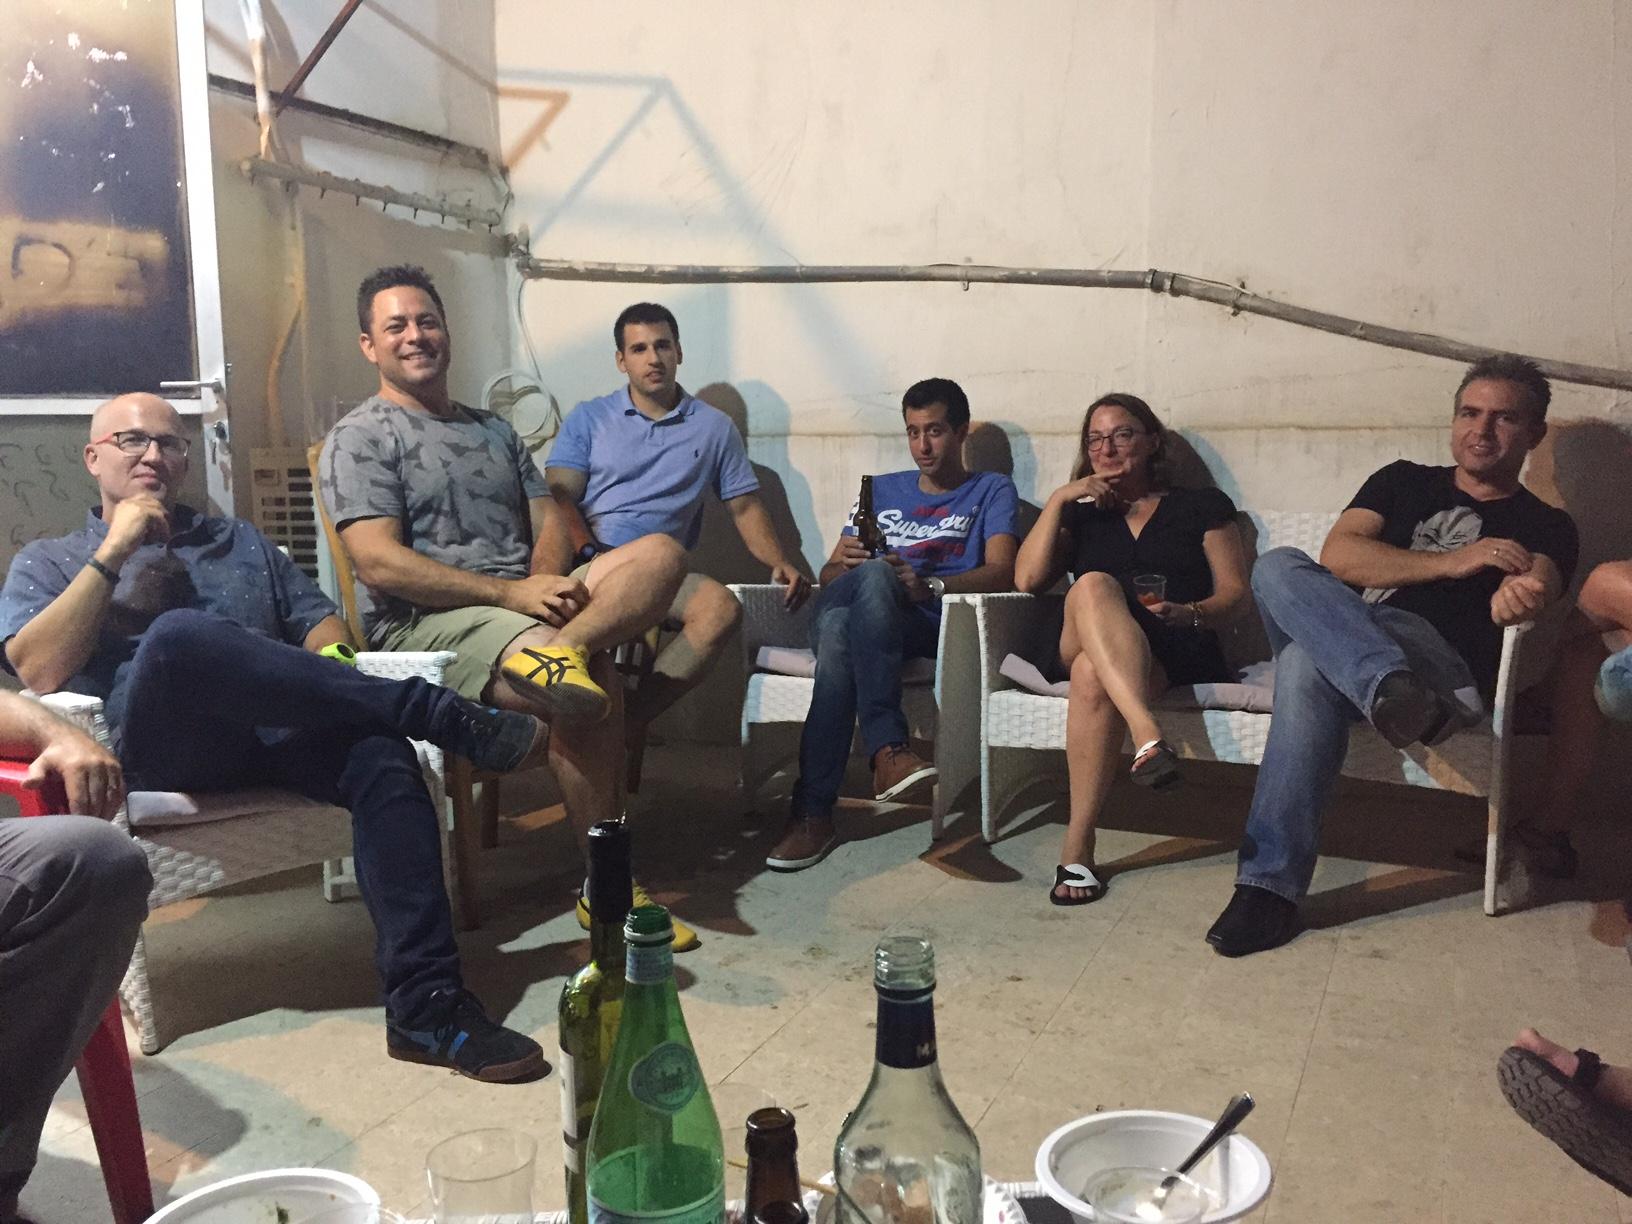 מסיבת קבוצה